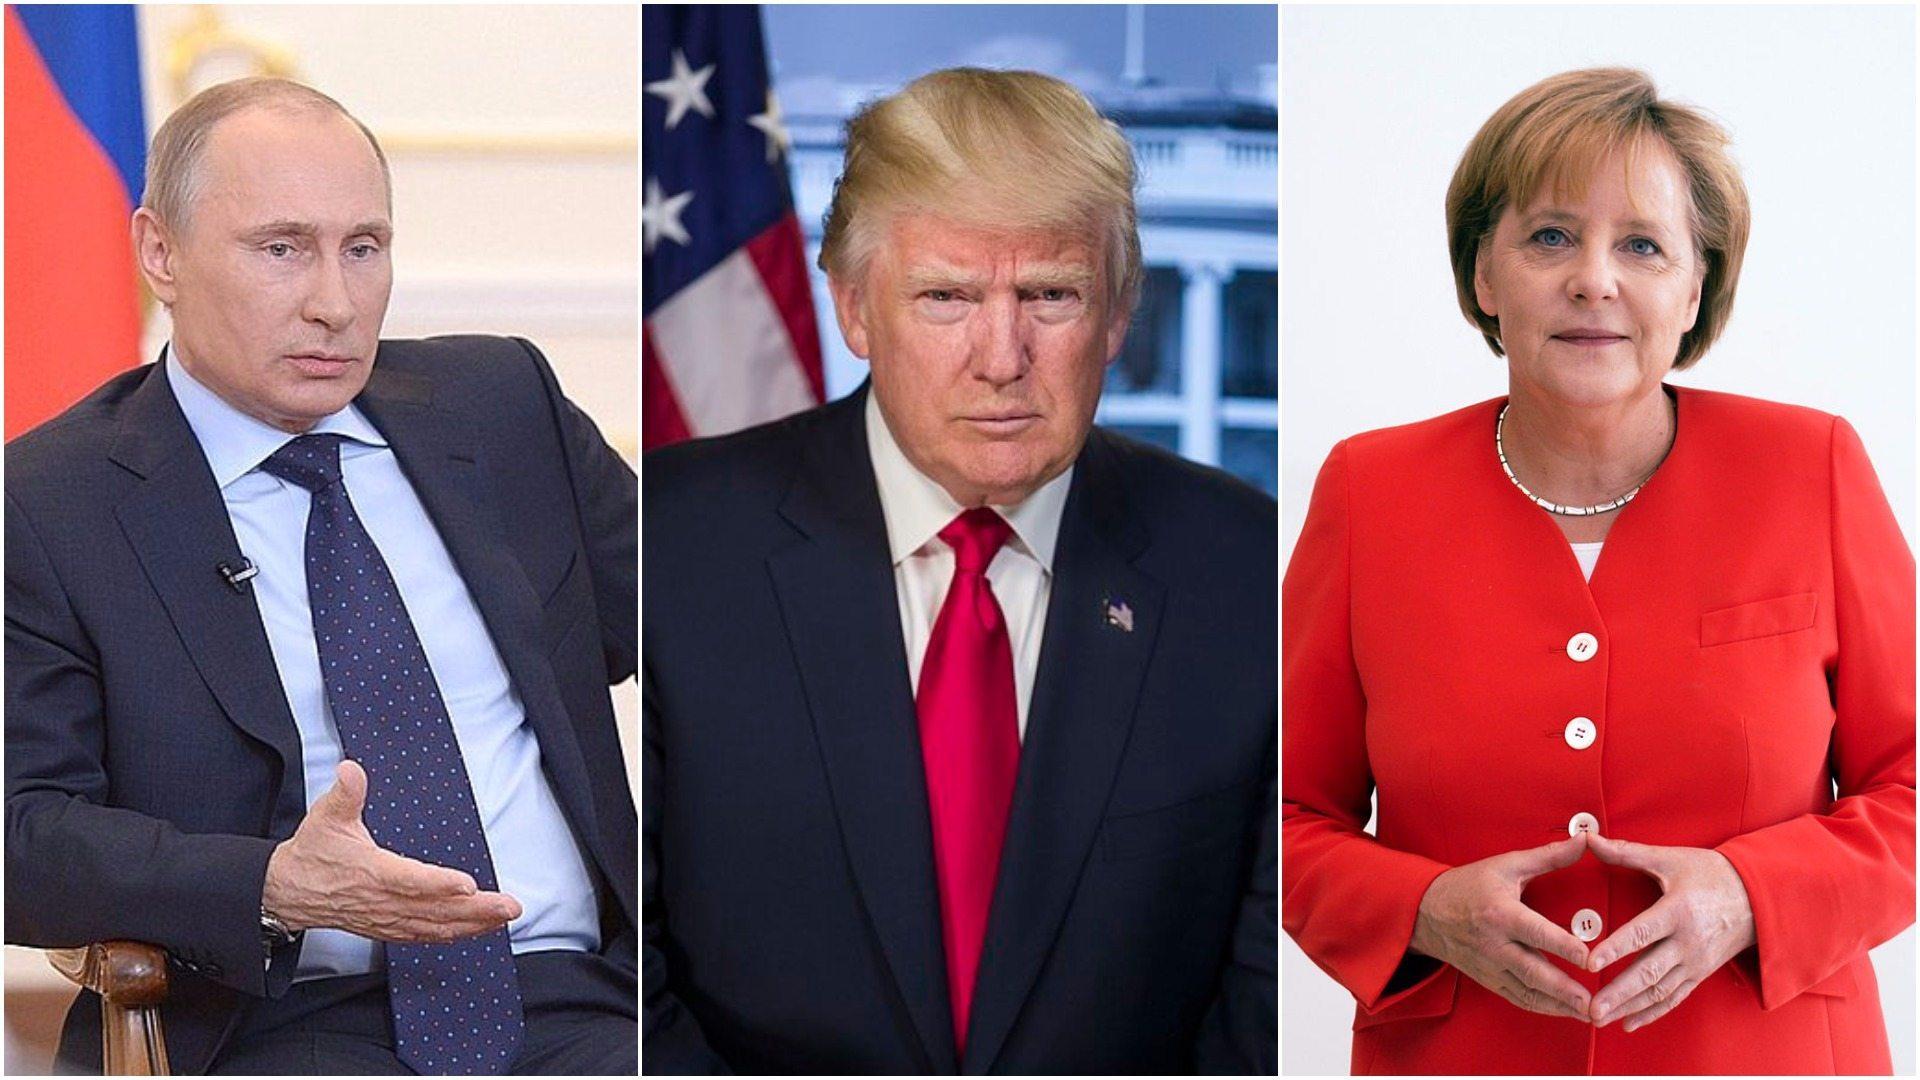 Trump rozmawiał z Putinem i Merkel. Wiemy o czym